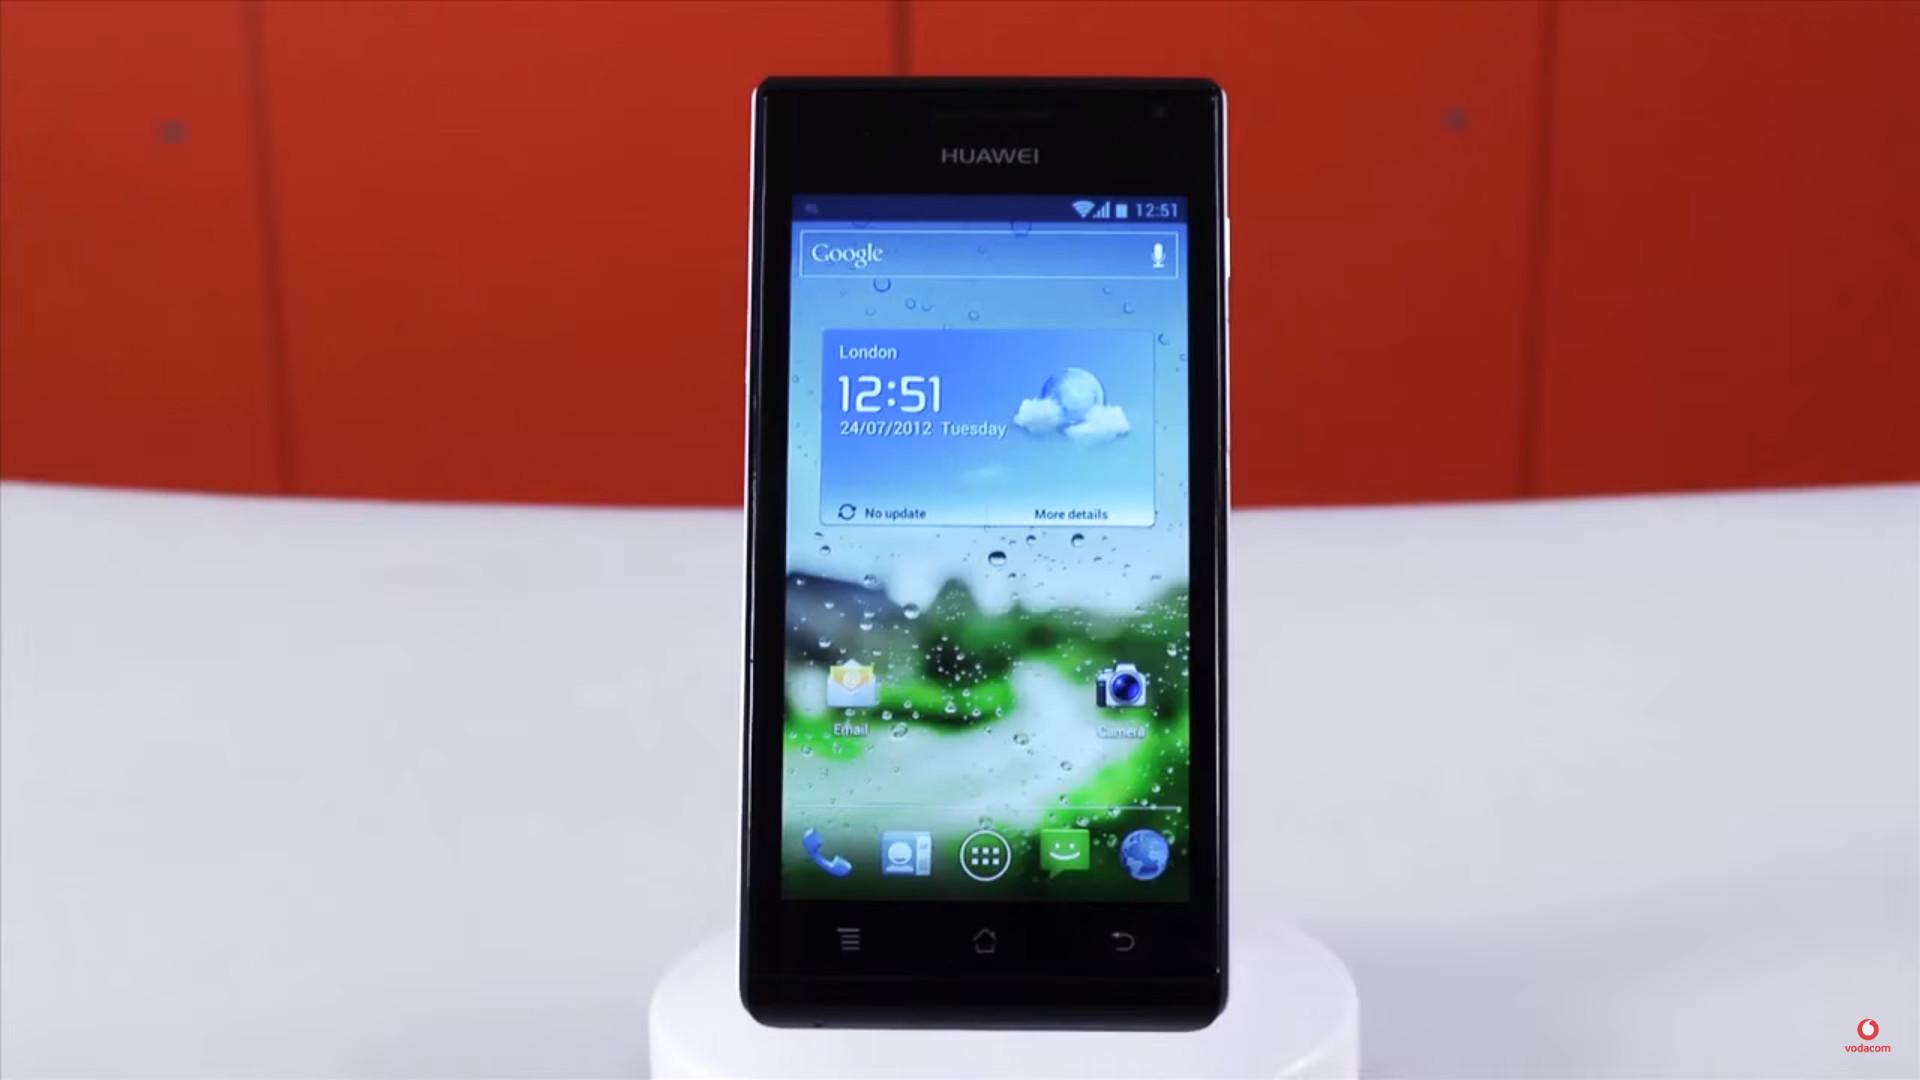 The Huawei Ascend P1 via Vodacom.